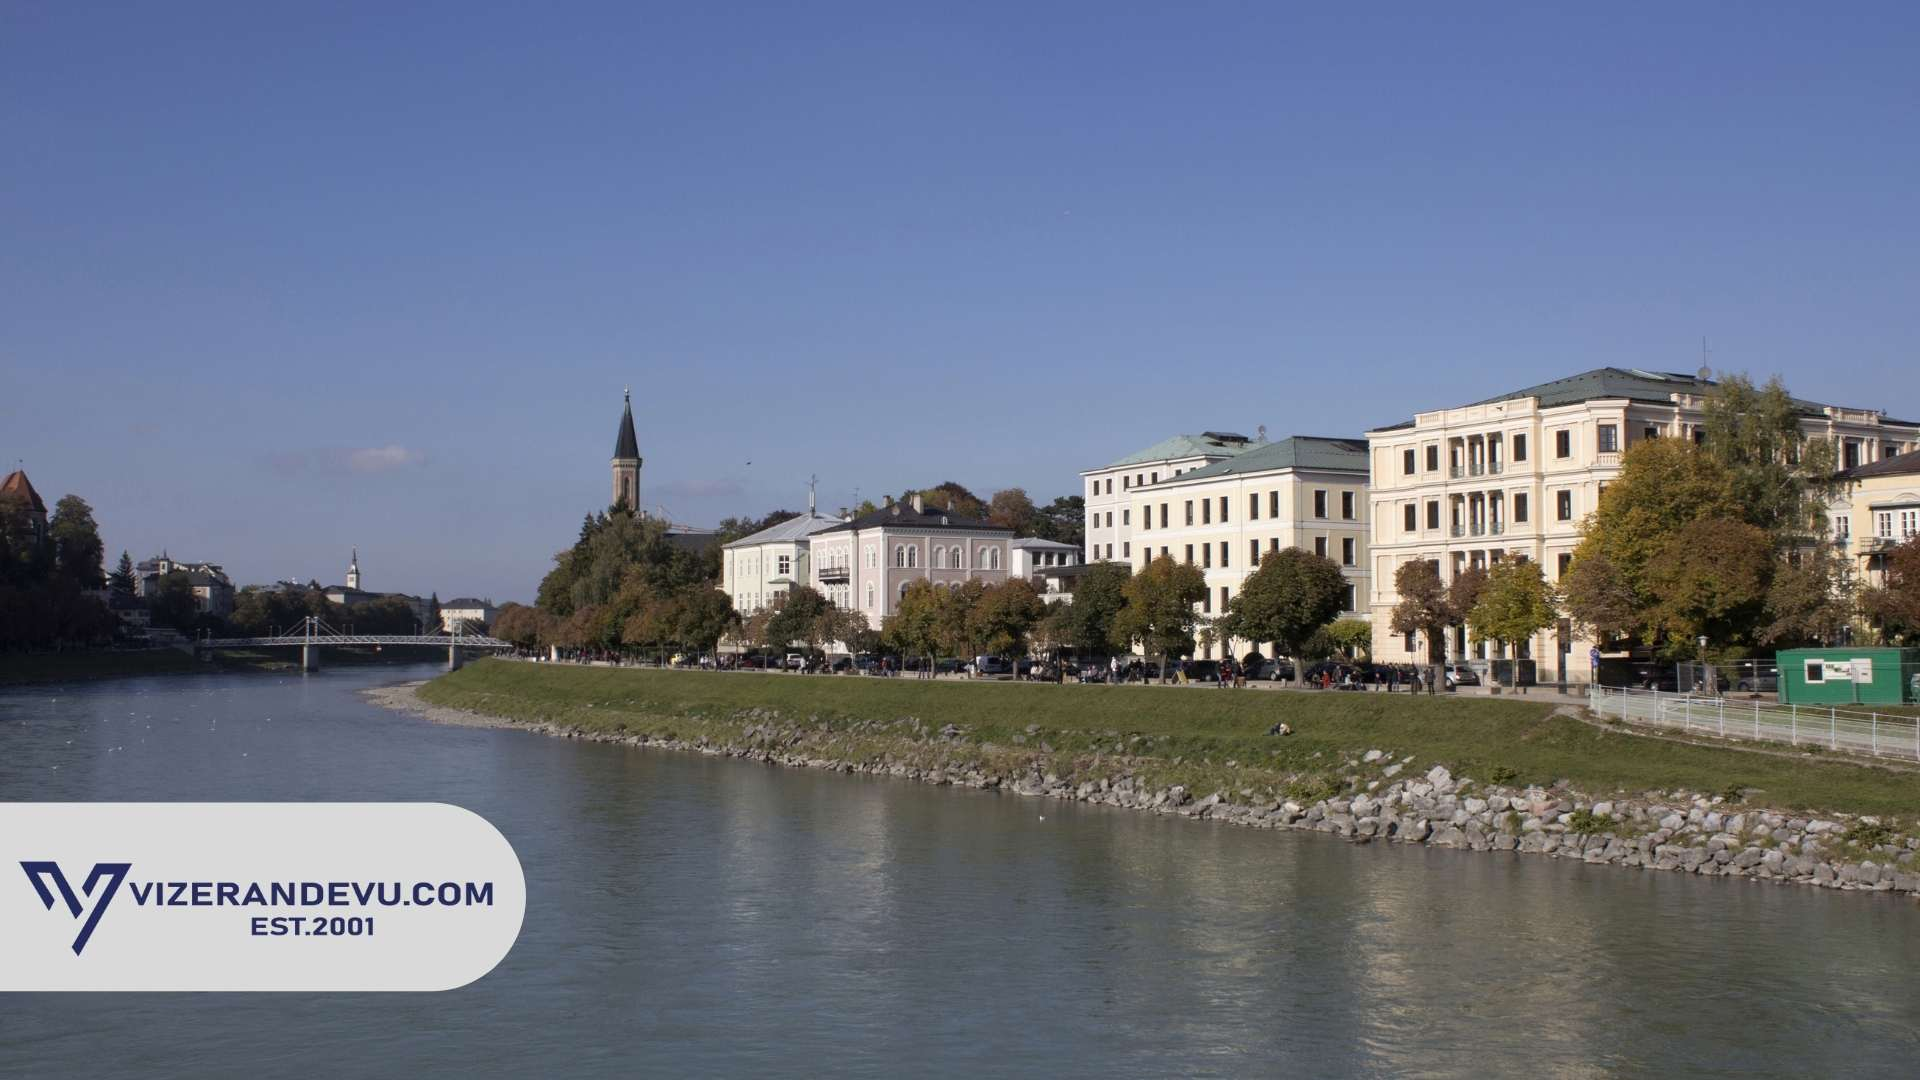 Kısa Süreli Avusturya Vizesi Başvuru Yöntemleri